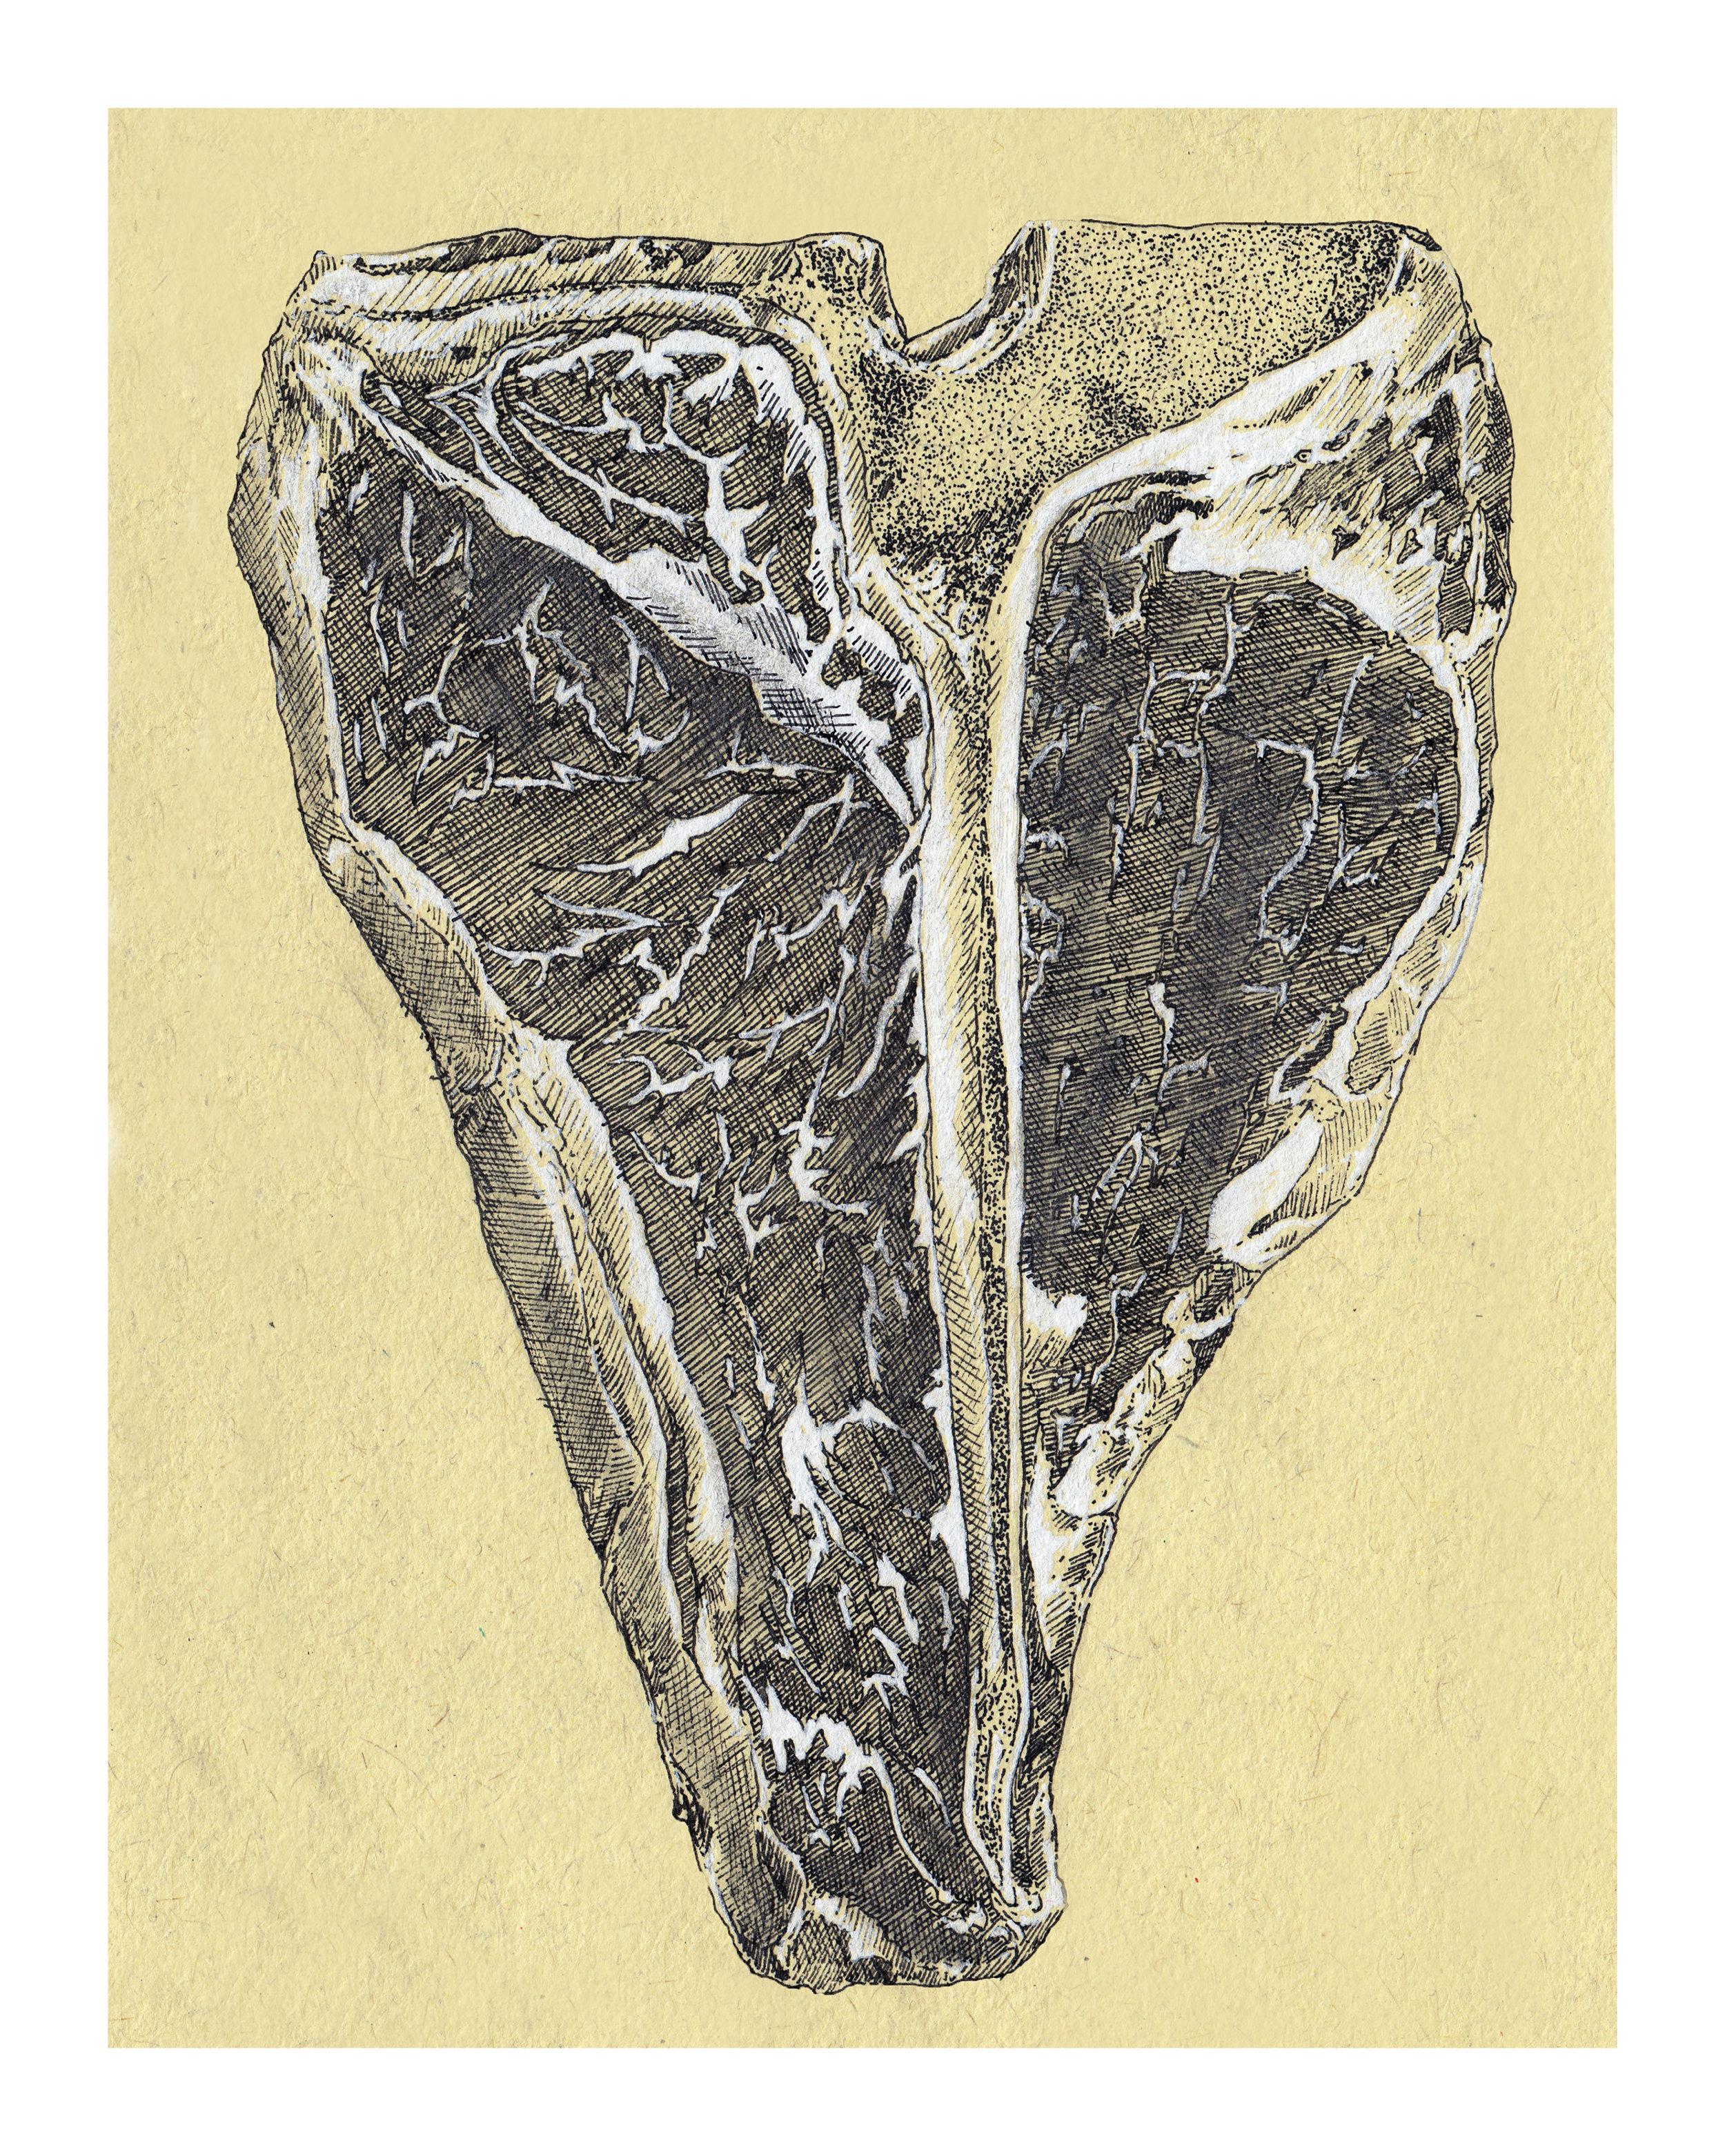 T-Bone sketch